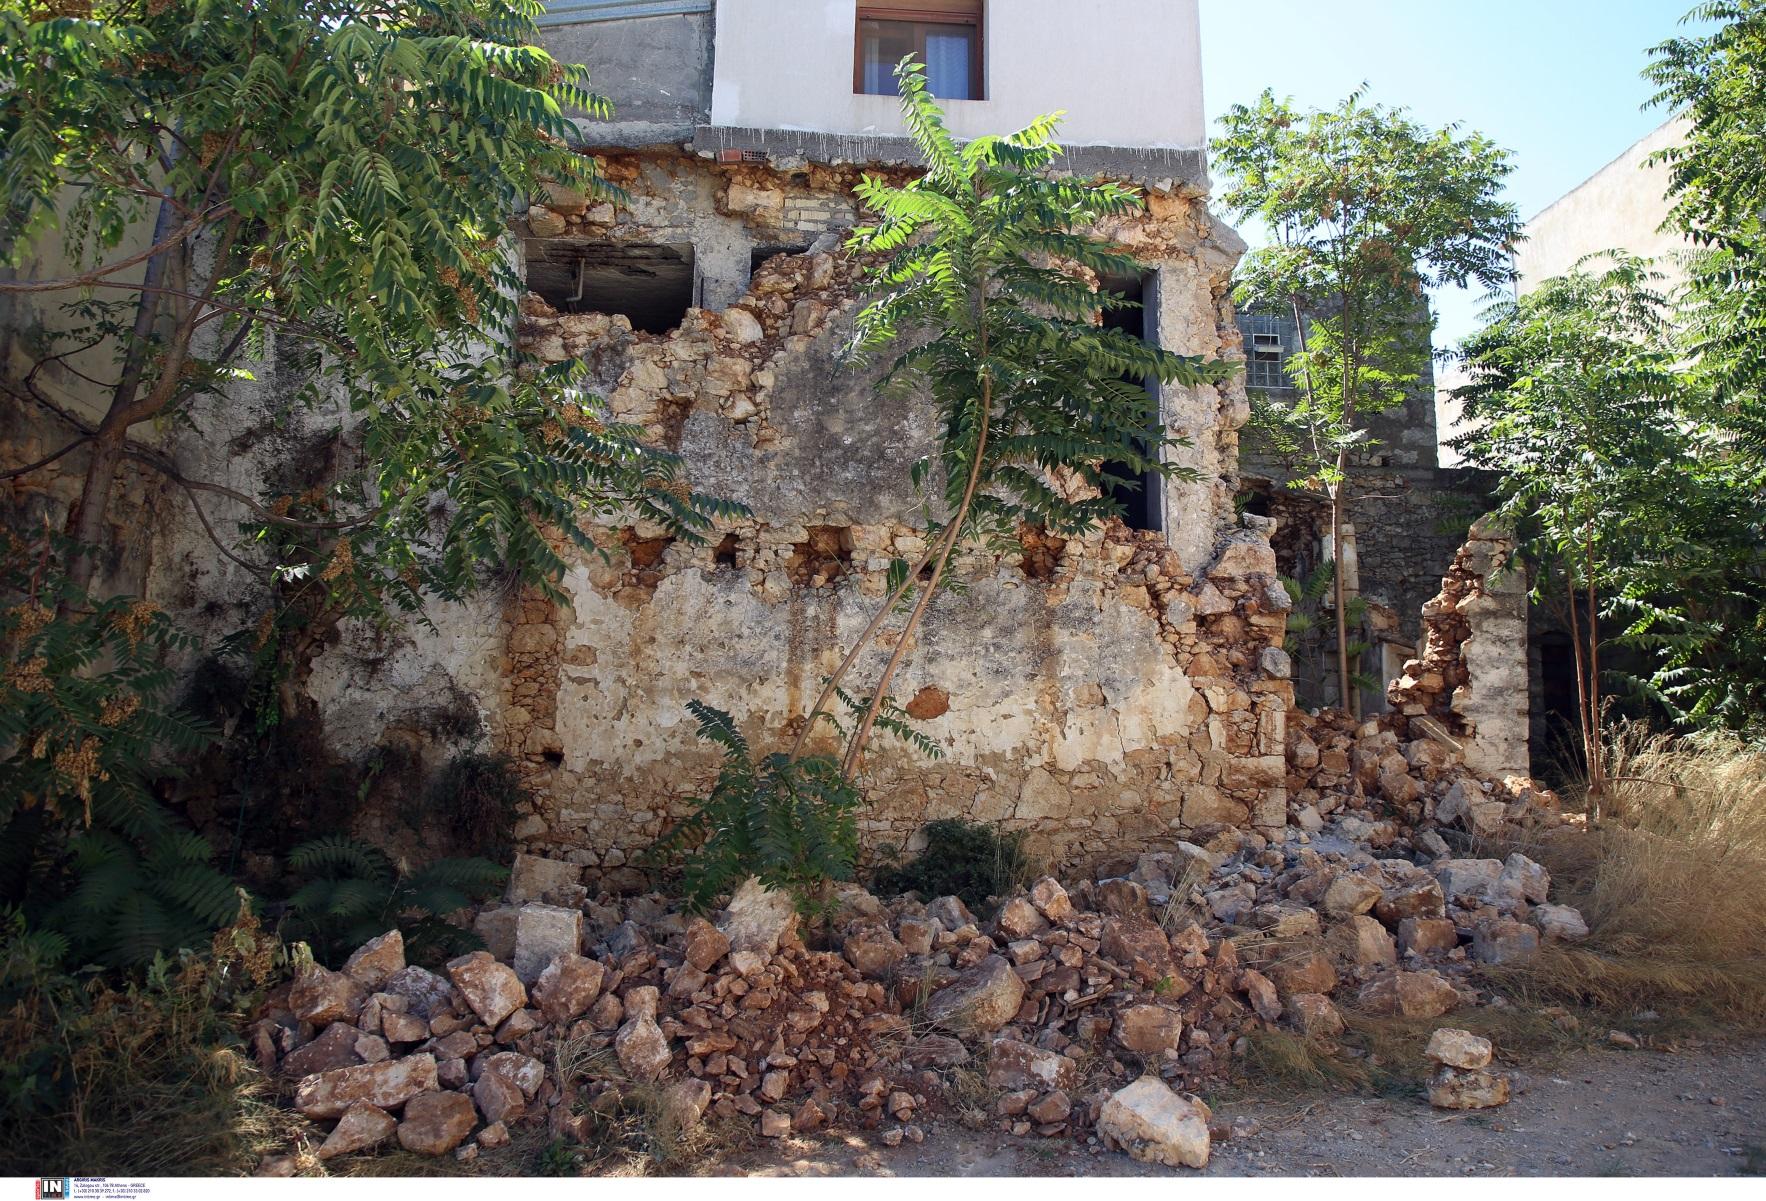 Σεισμός στην Κρήτη: Ισχυρός μετασεισμός 4,8 Ρίχτερ στο Ηράκλειο